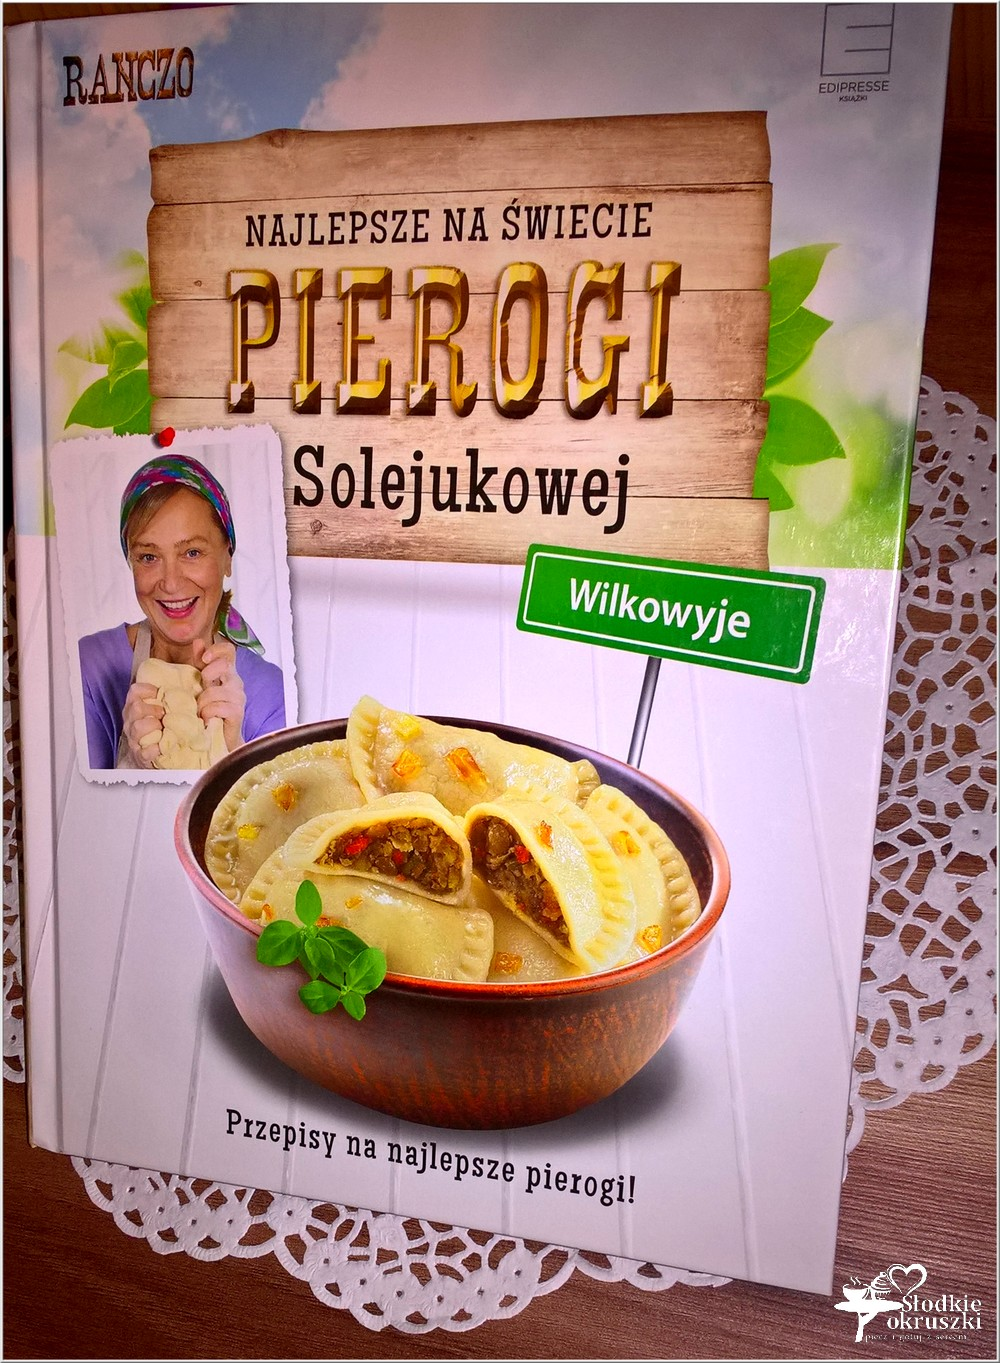 Pierogi Solejukowej. Przepisy na najlepsze pierogi. Recenzja (1)